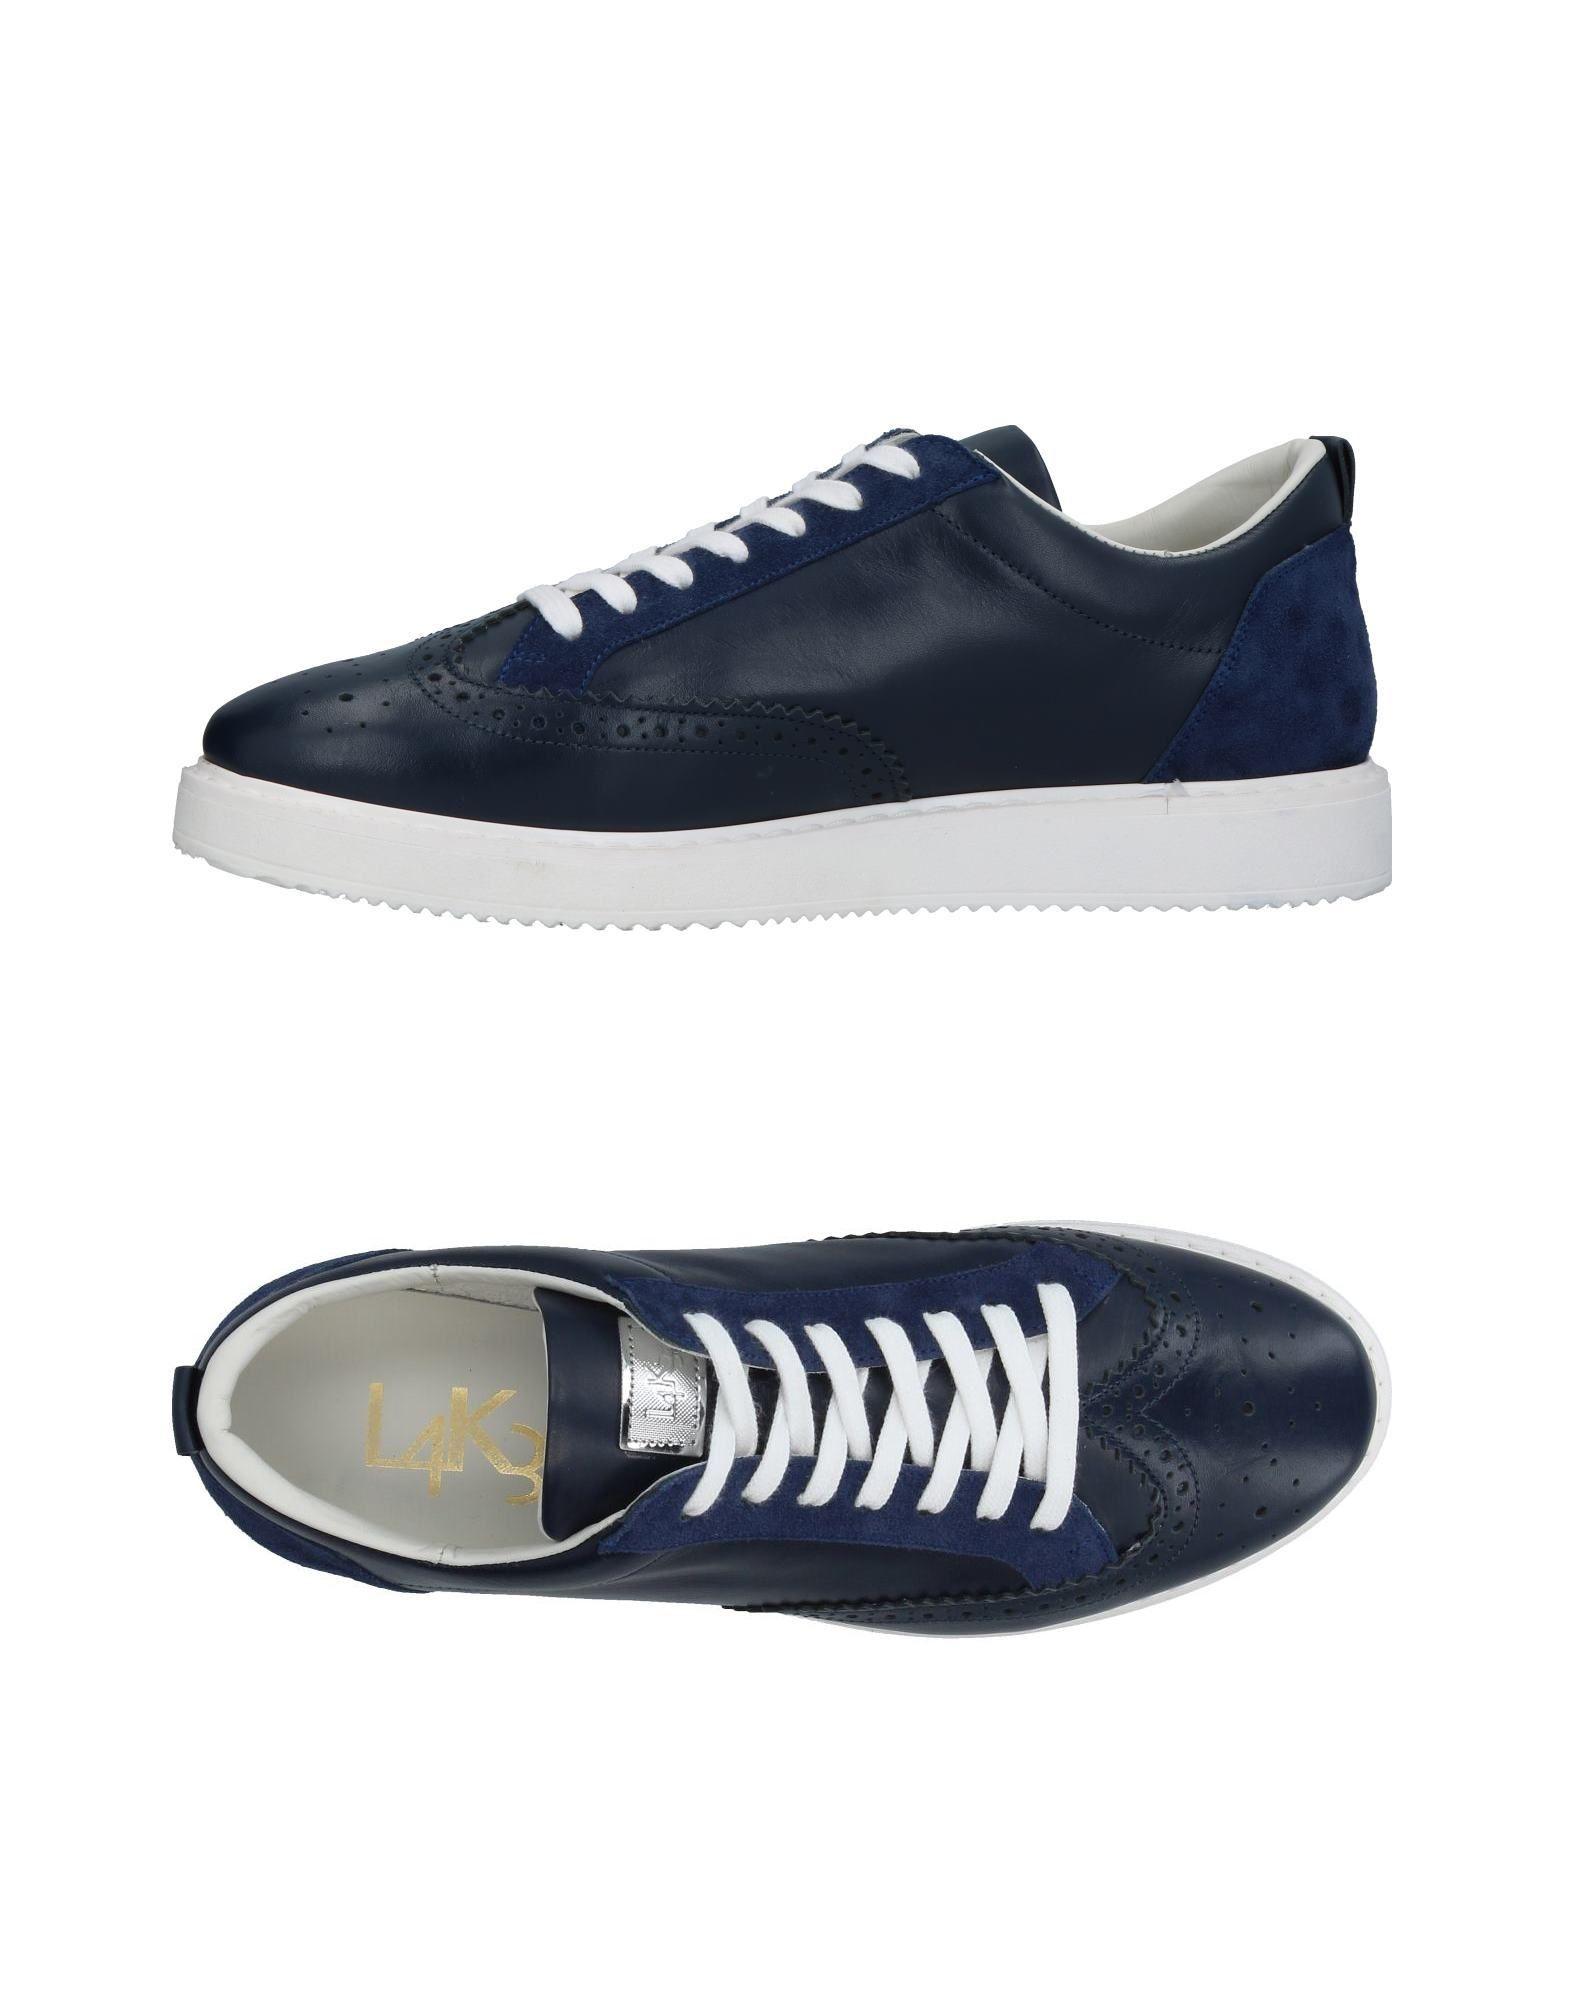 Sneakers L4k3 Uomo - 11380089BN Scarpe economiche e buone